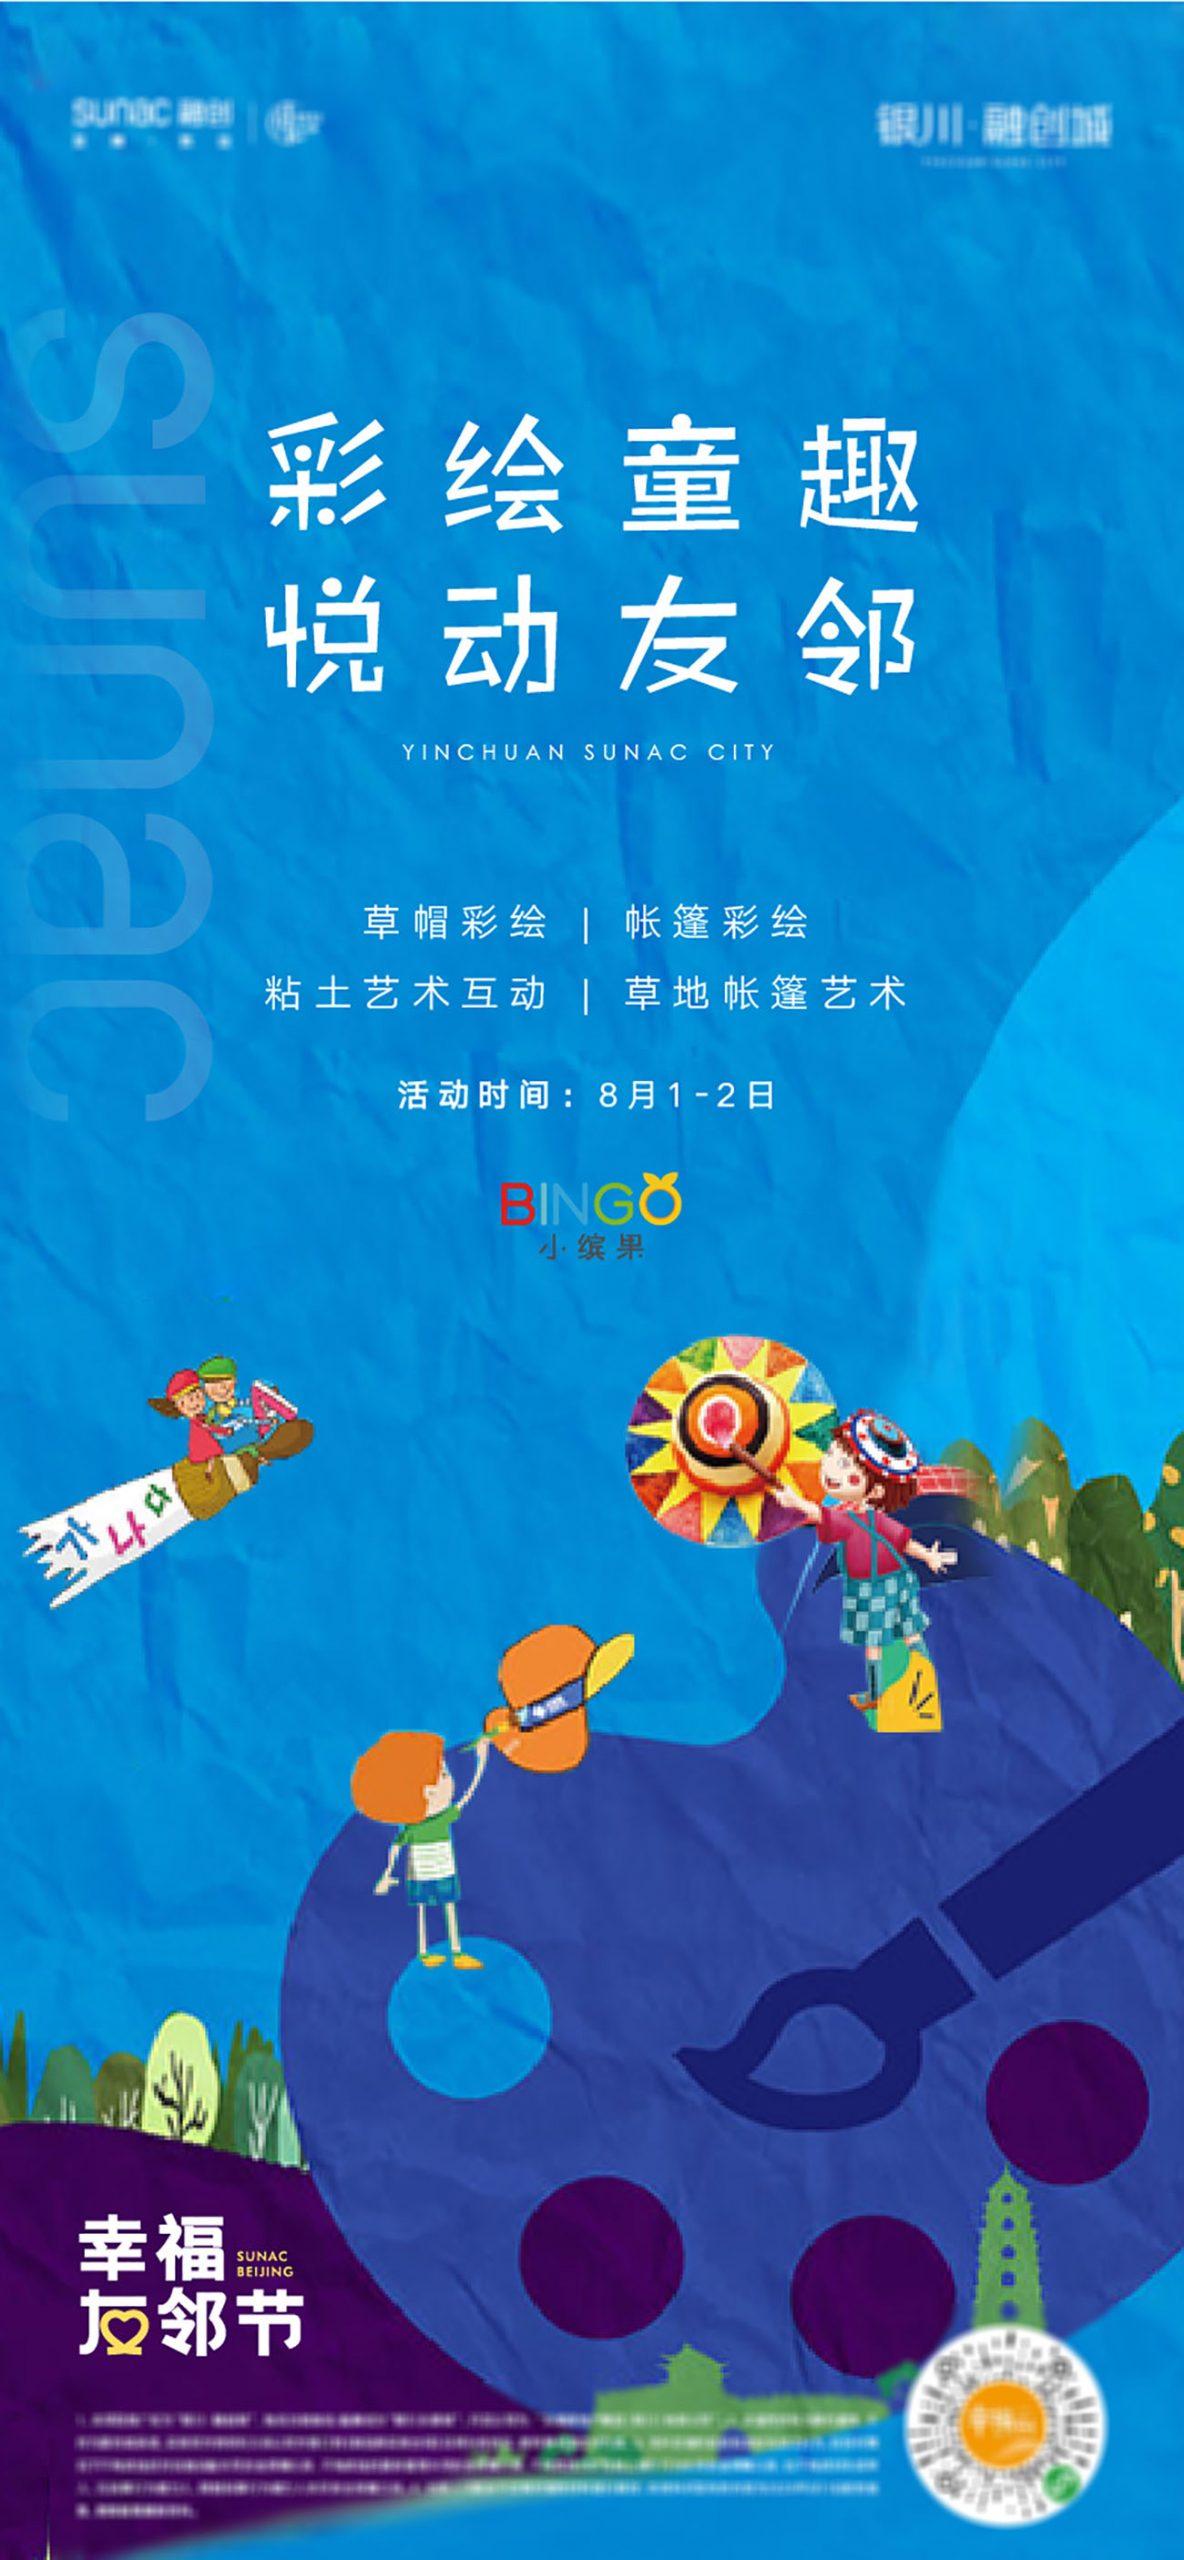 地产彩绘童趣暖场活动海报AI+PSD源文件插图